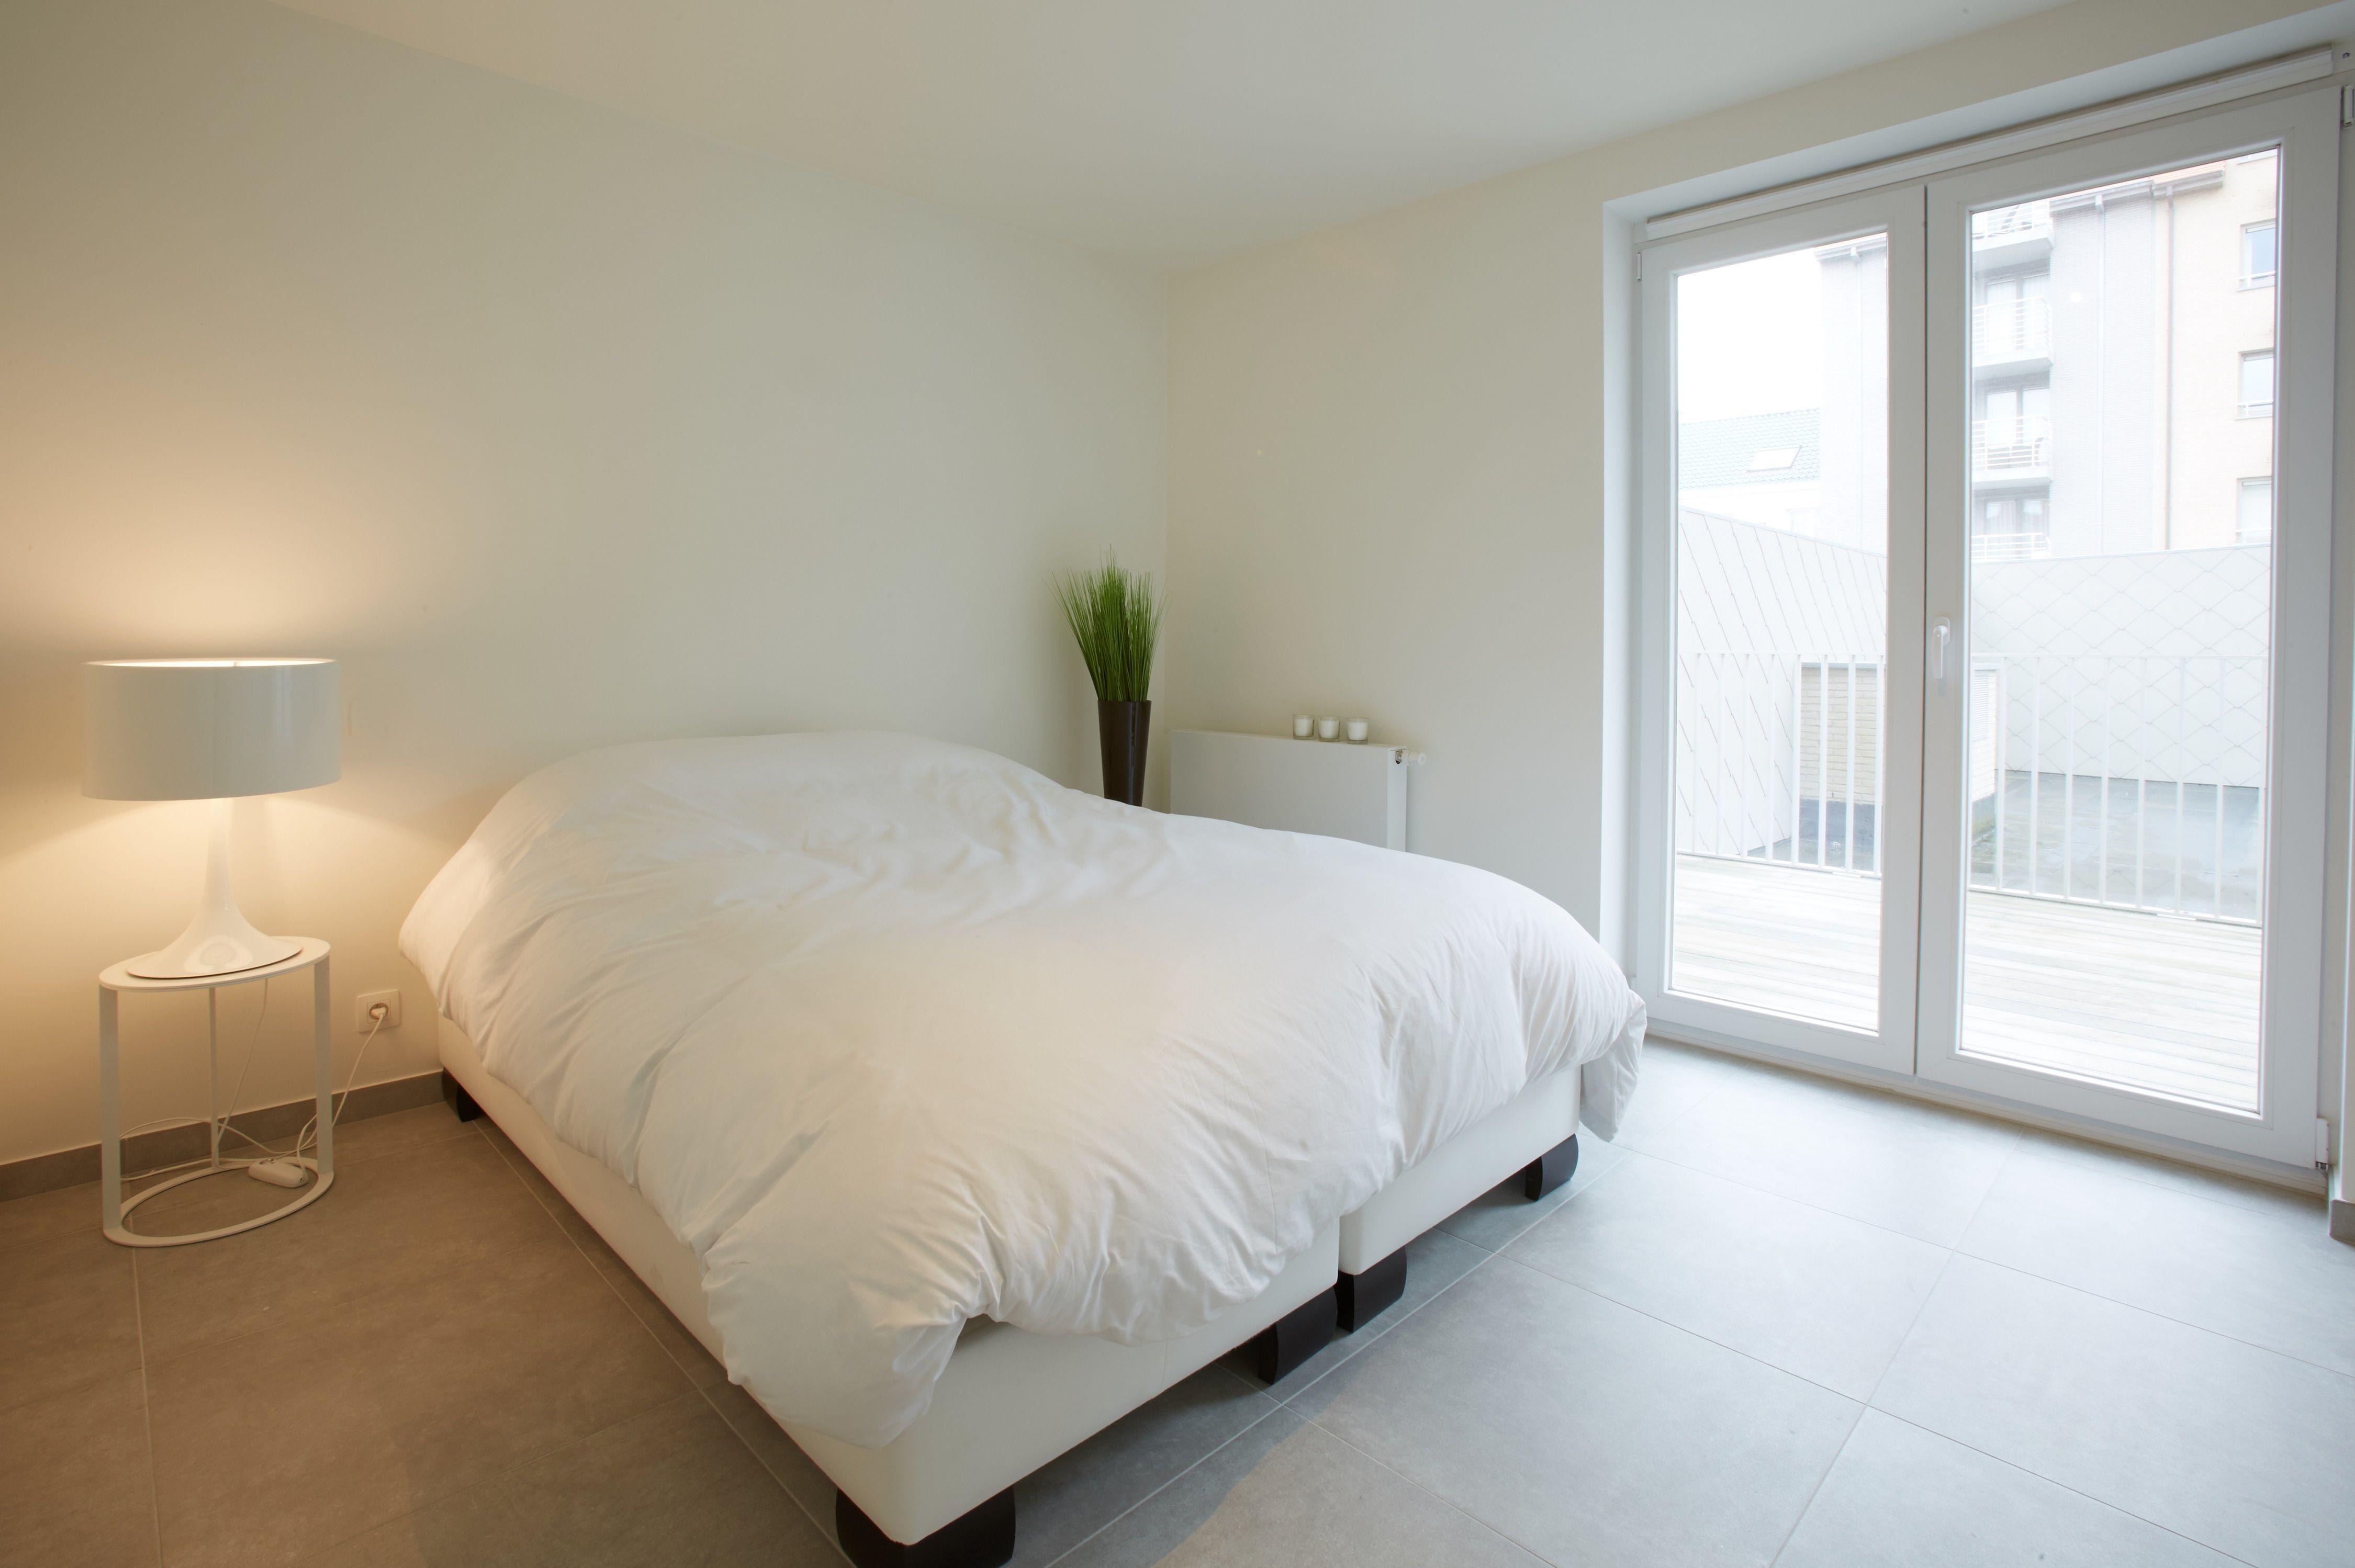 Zongericht appartement met terras te koop Nieuwpoort - 5491